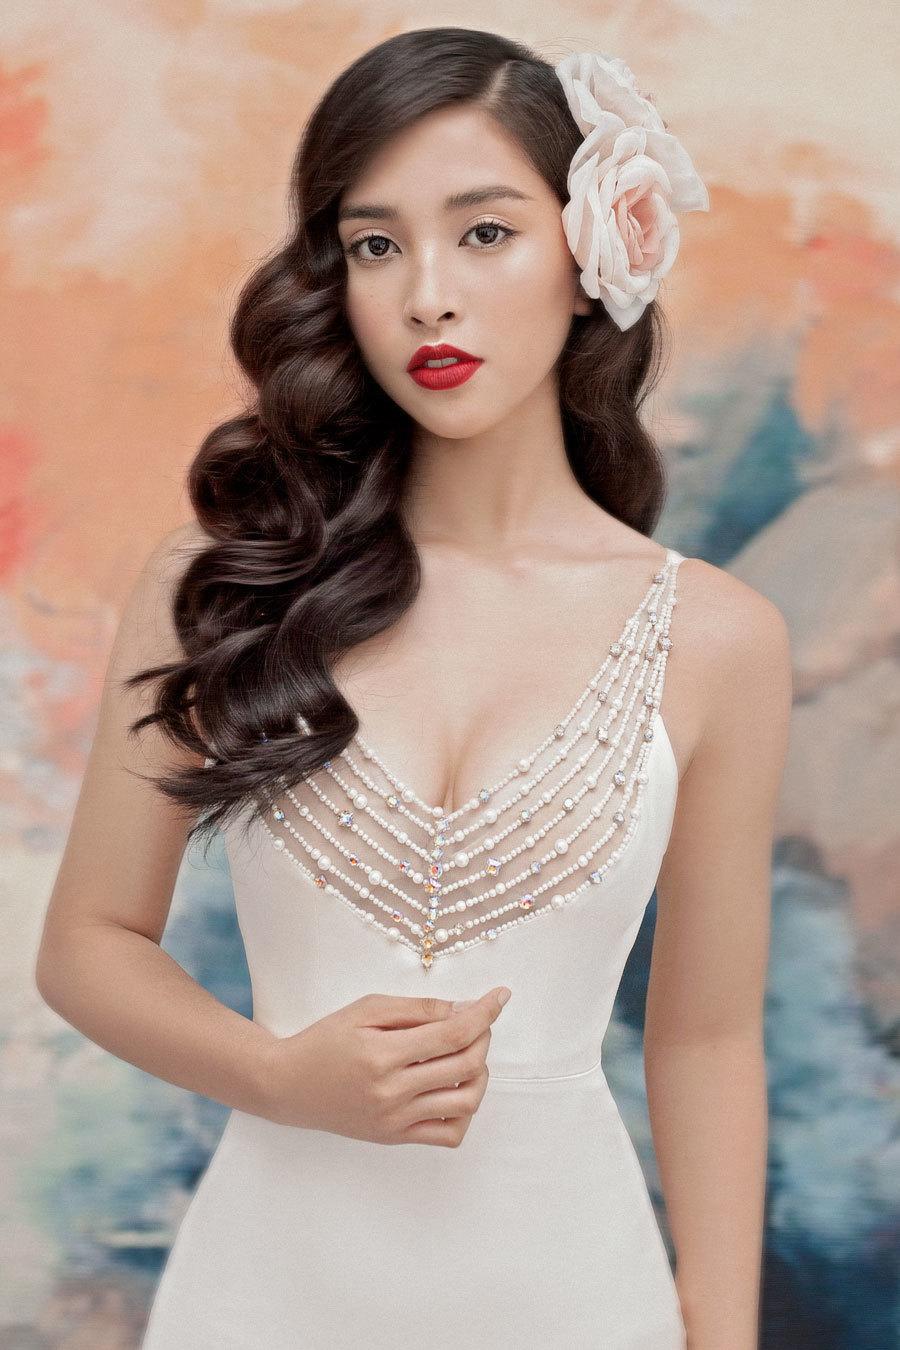 Hoa hậu Tiểu Vy lấp ló ngực đầy với đầm cắt xẻ Ảnh 2